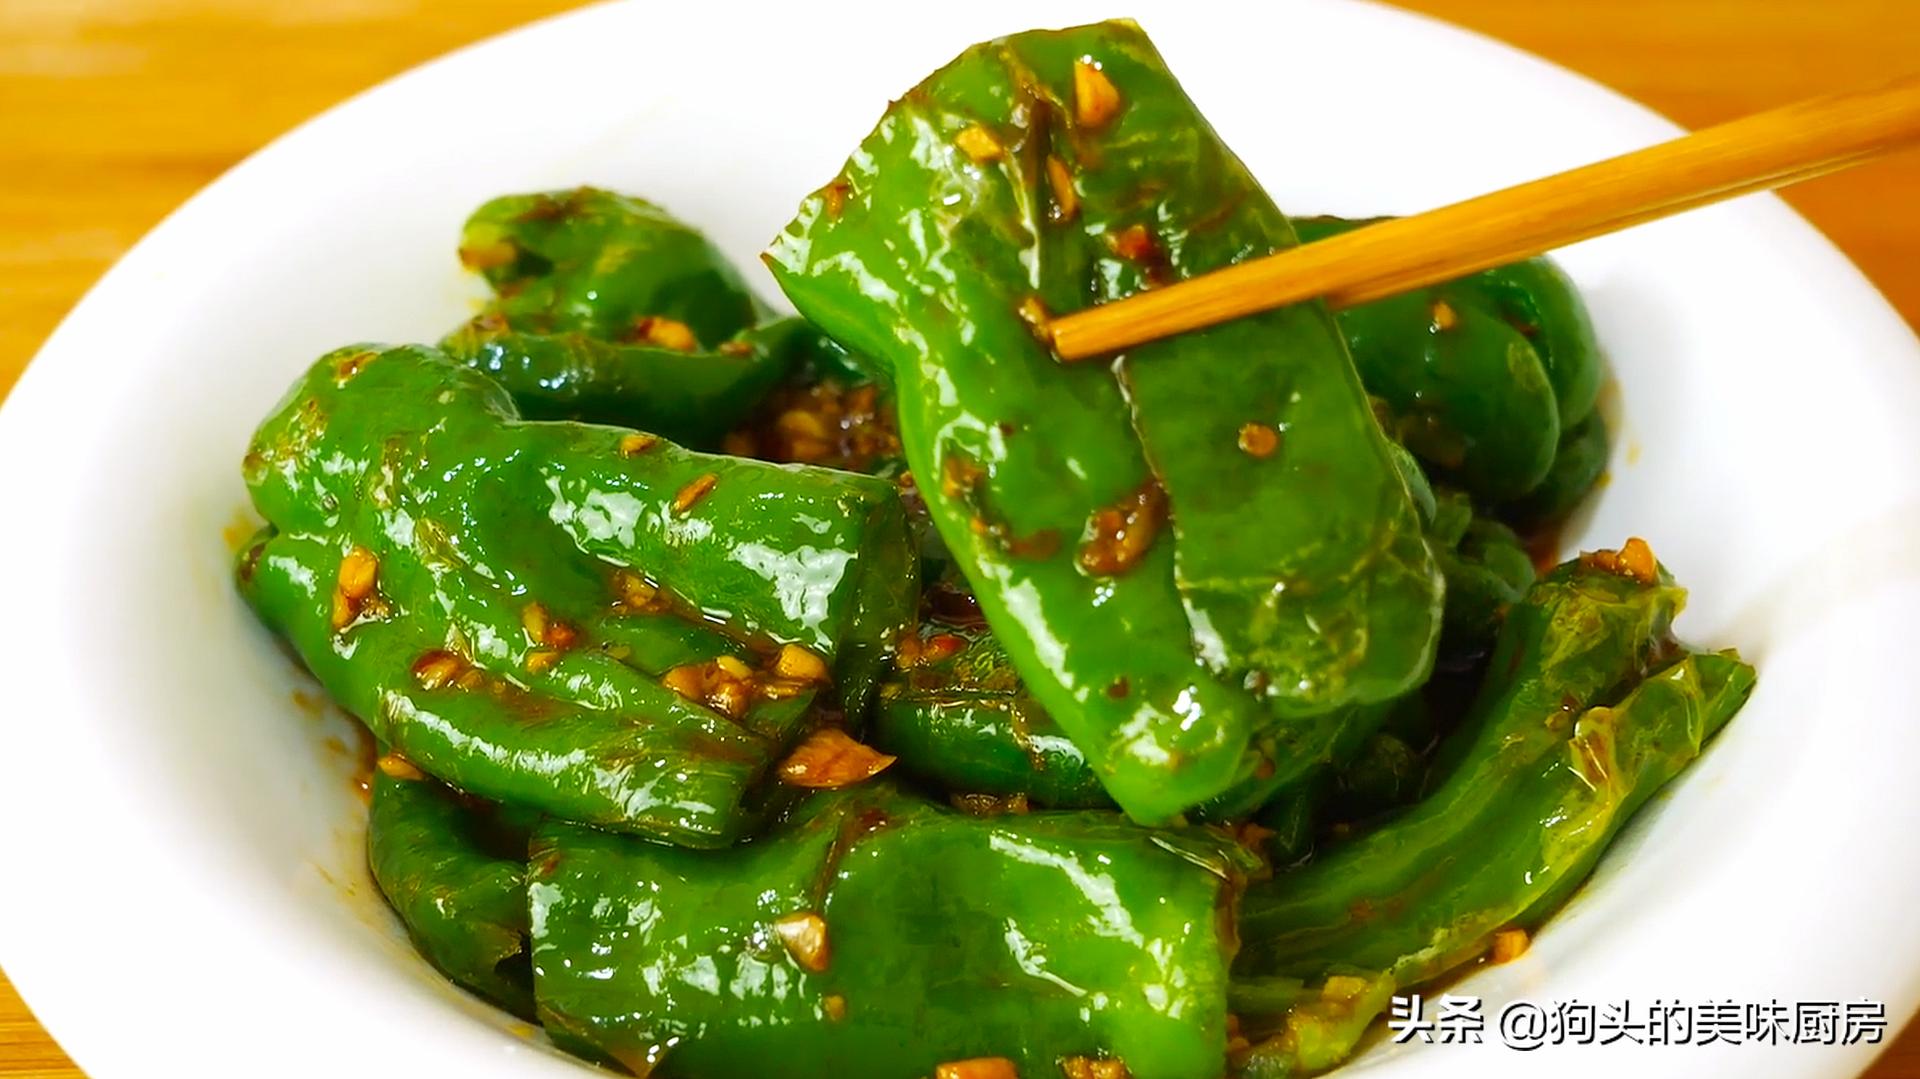 下饭神器虎皮青椒,学会这样做,好吃不油腻,一盘不够吃,真过瘾 美食做法 第3张